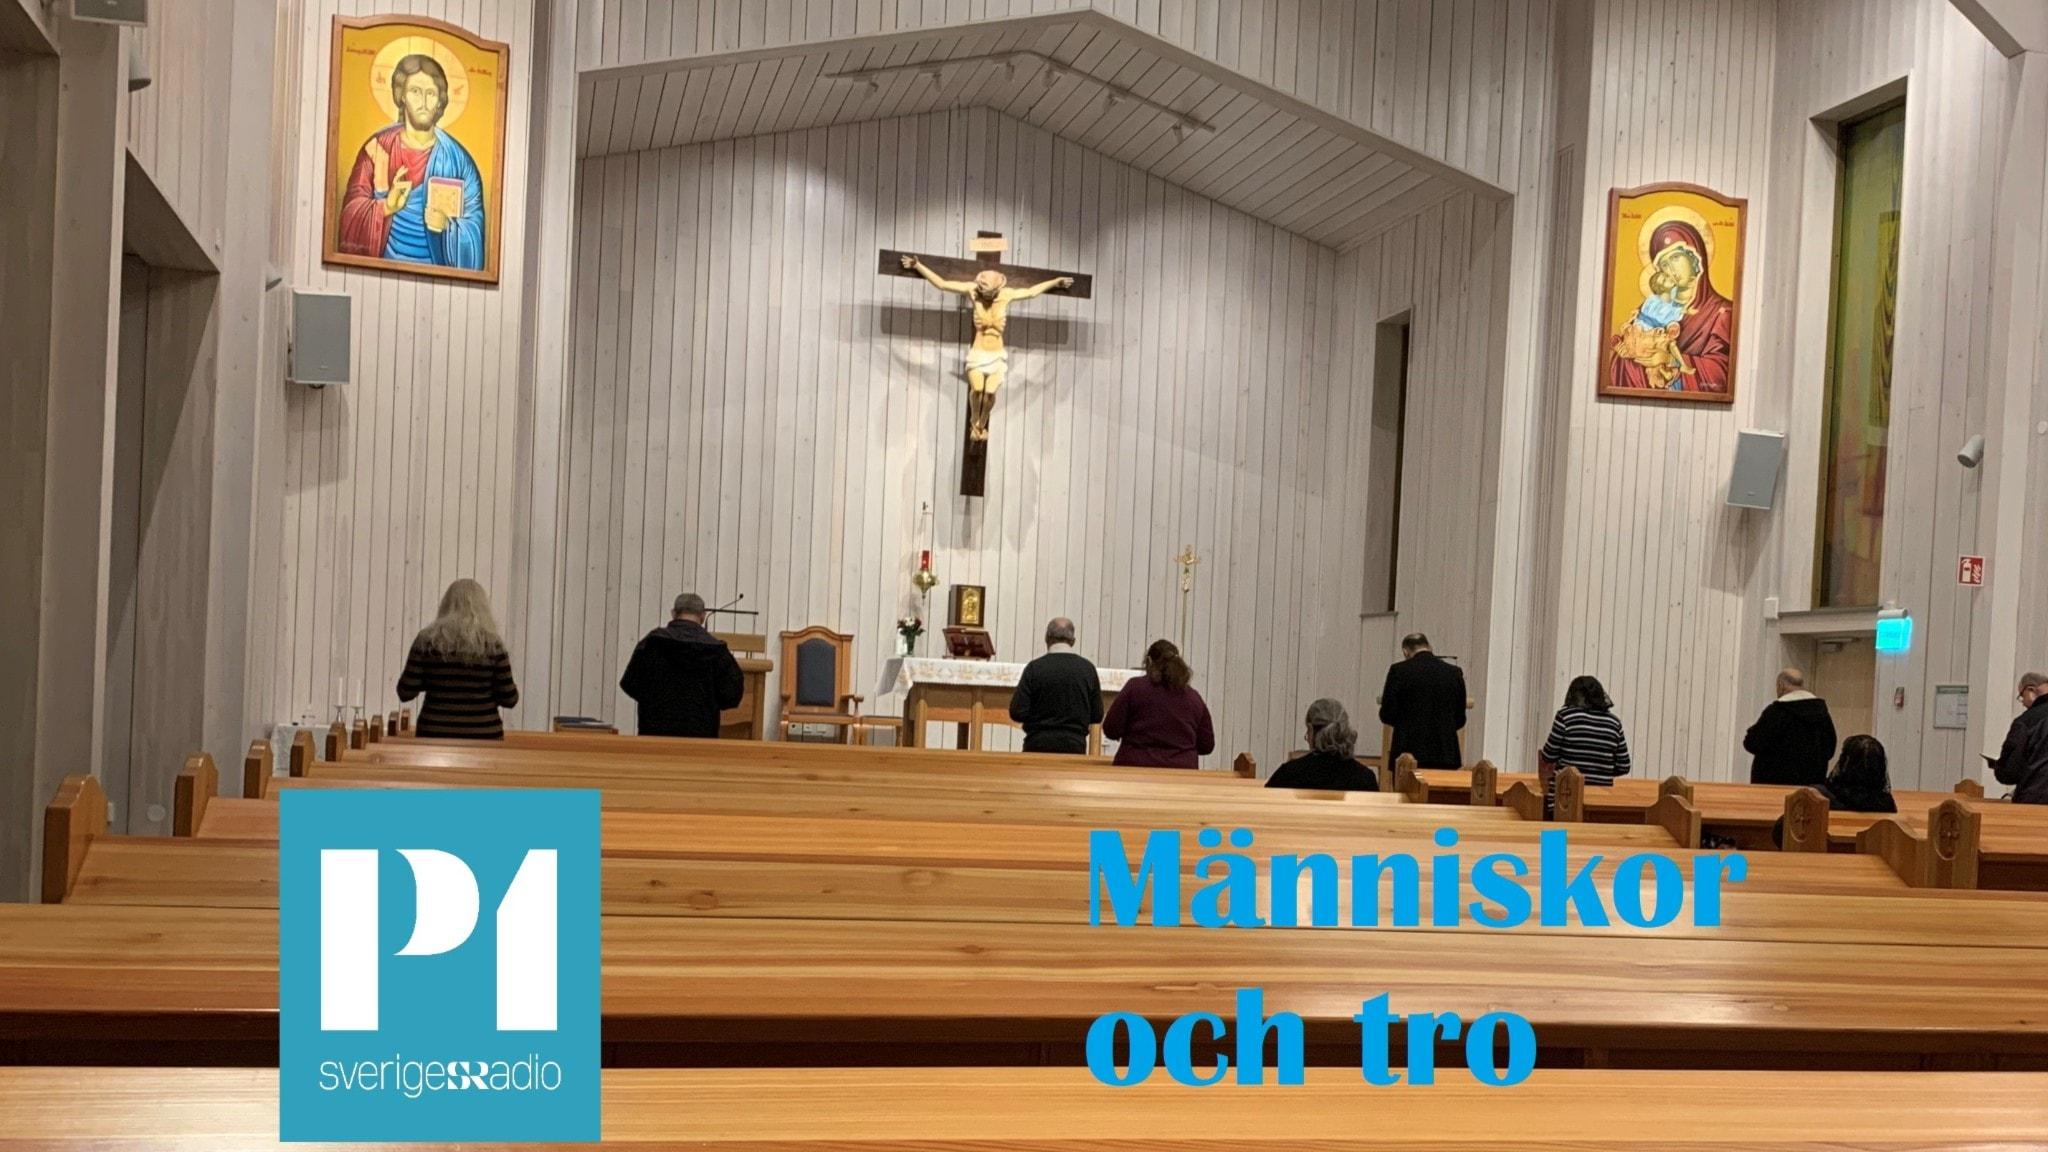 Växtvärk för den katolska kyrkan i Sverige